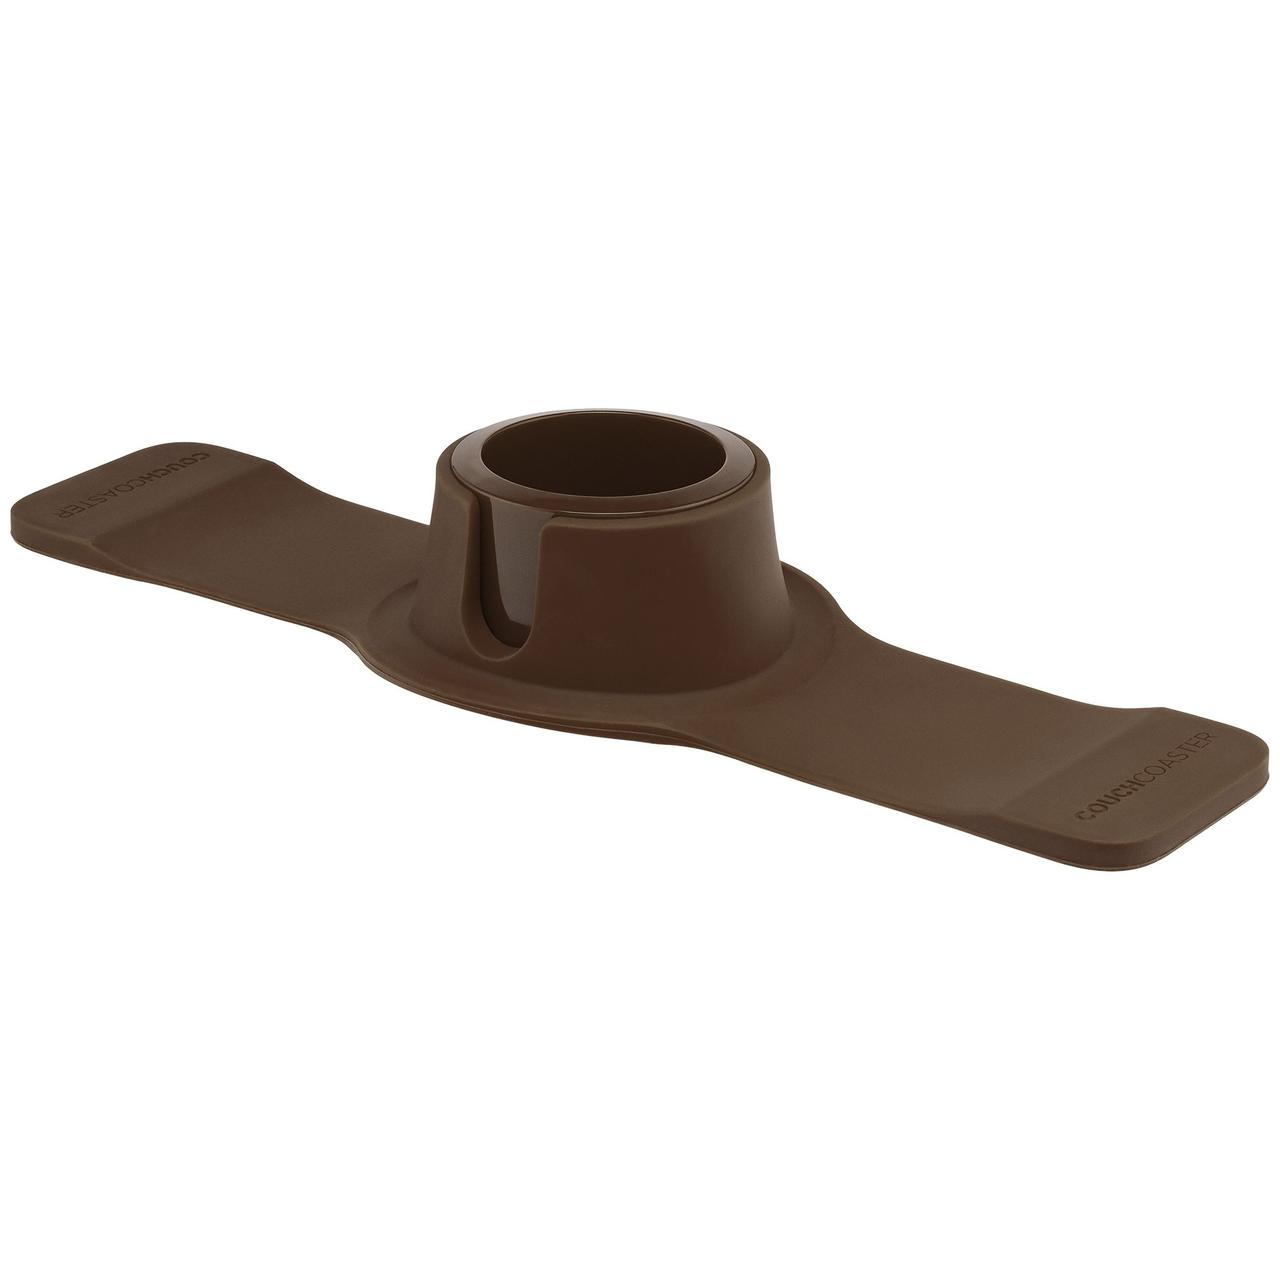 Подставка под кружку Sofatop, коричневая (артикул 7620.59)